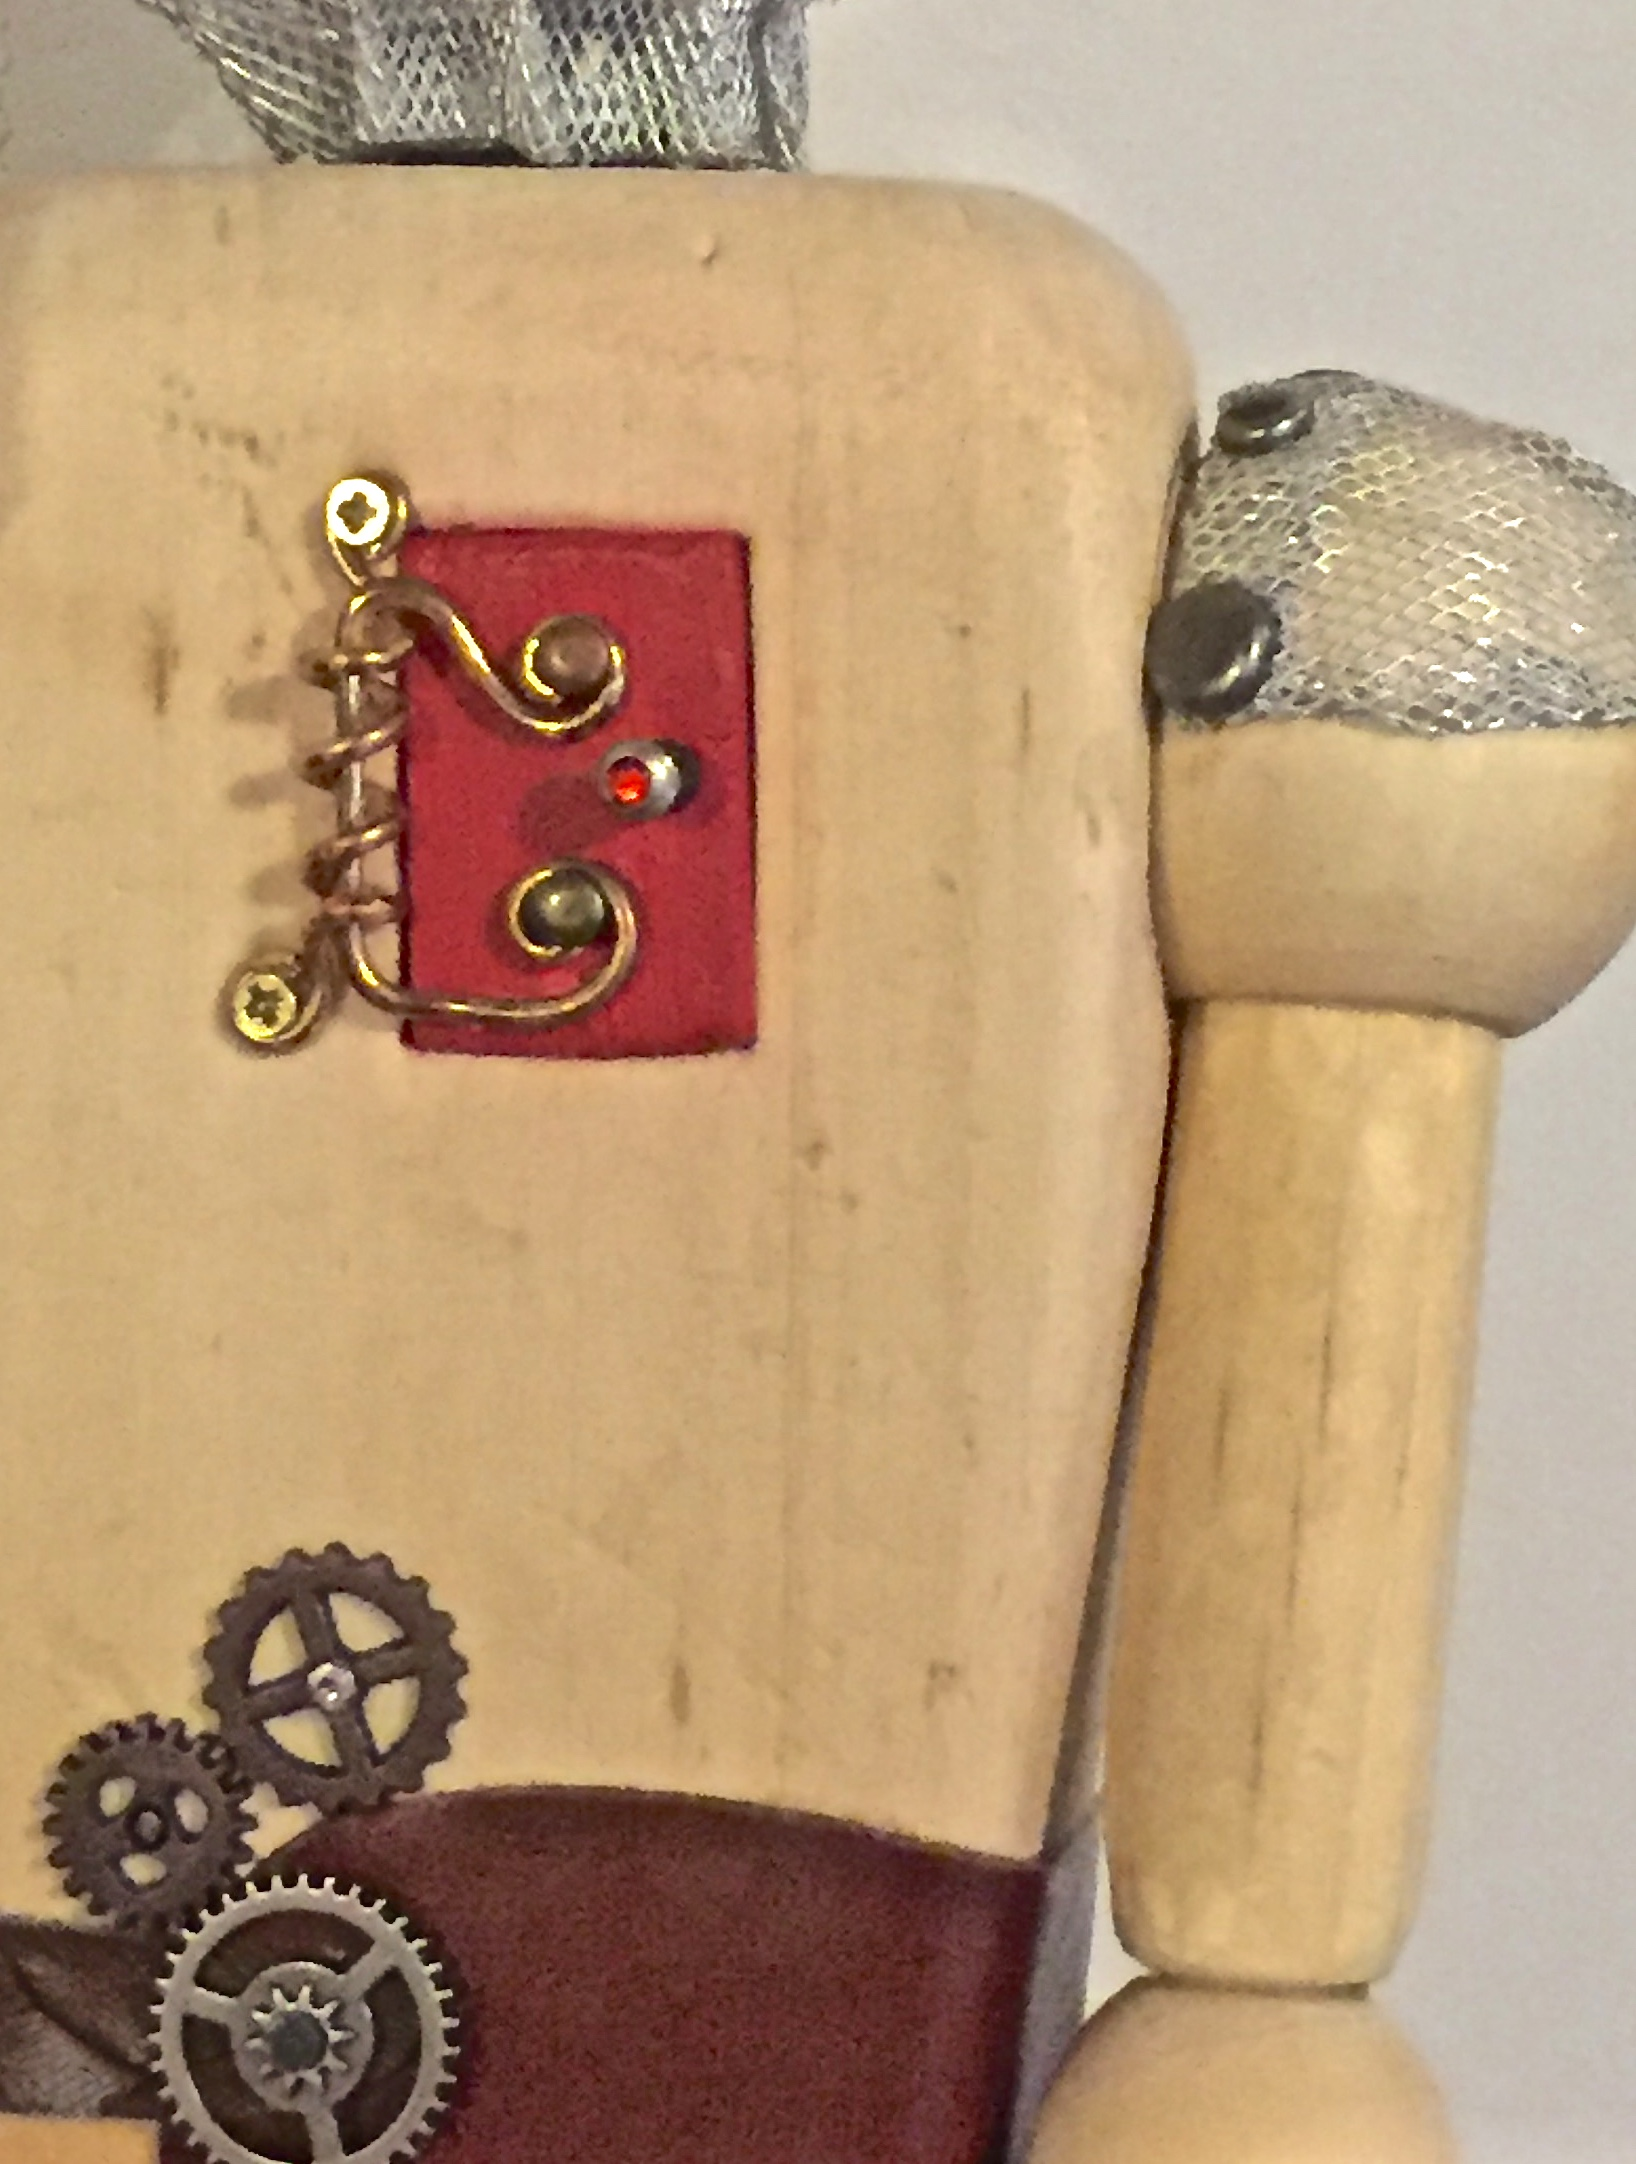 image of panocha's heart door closed